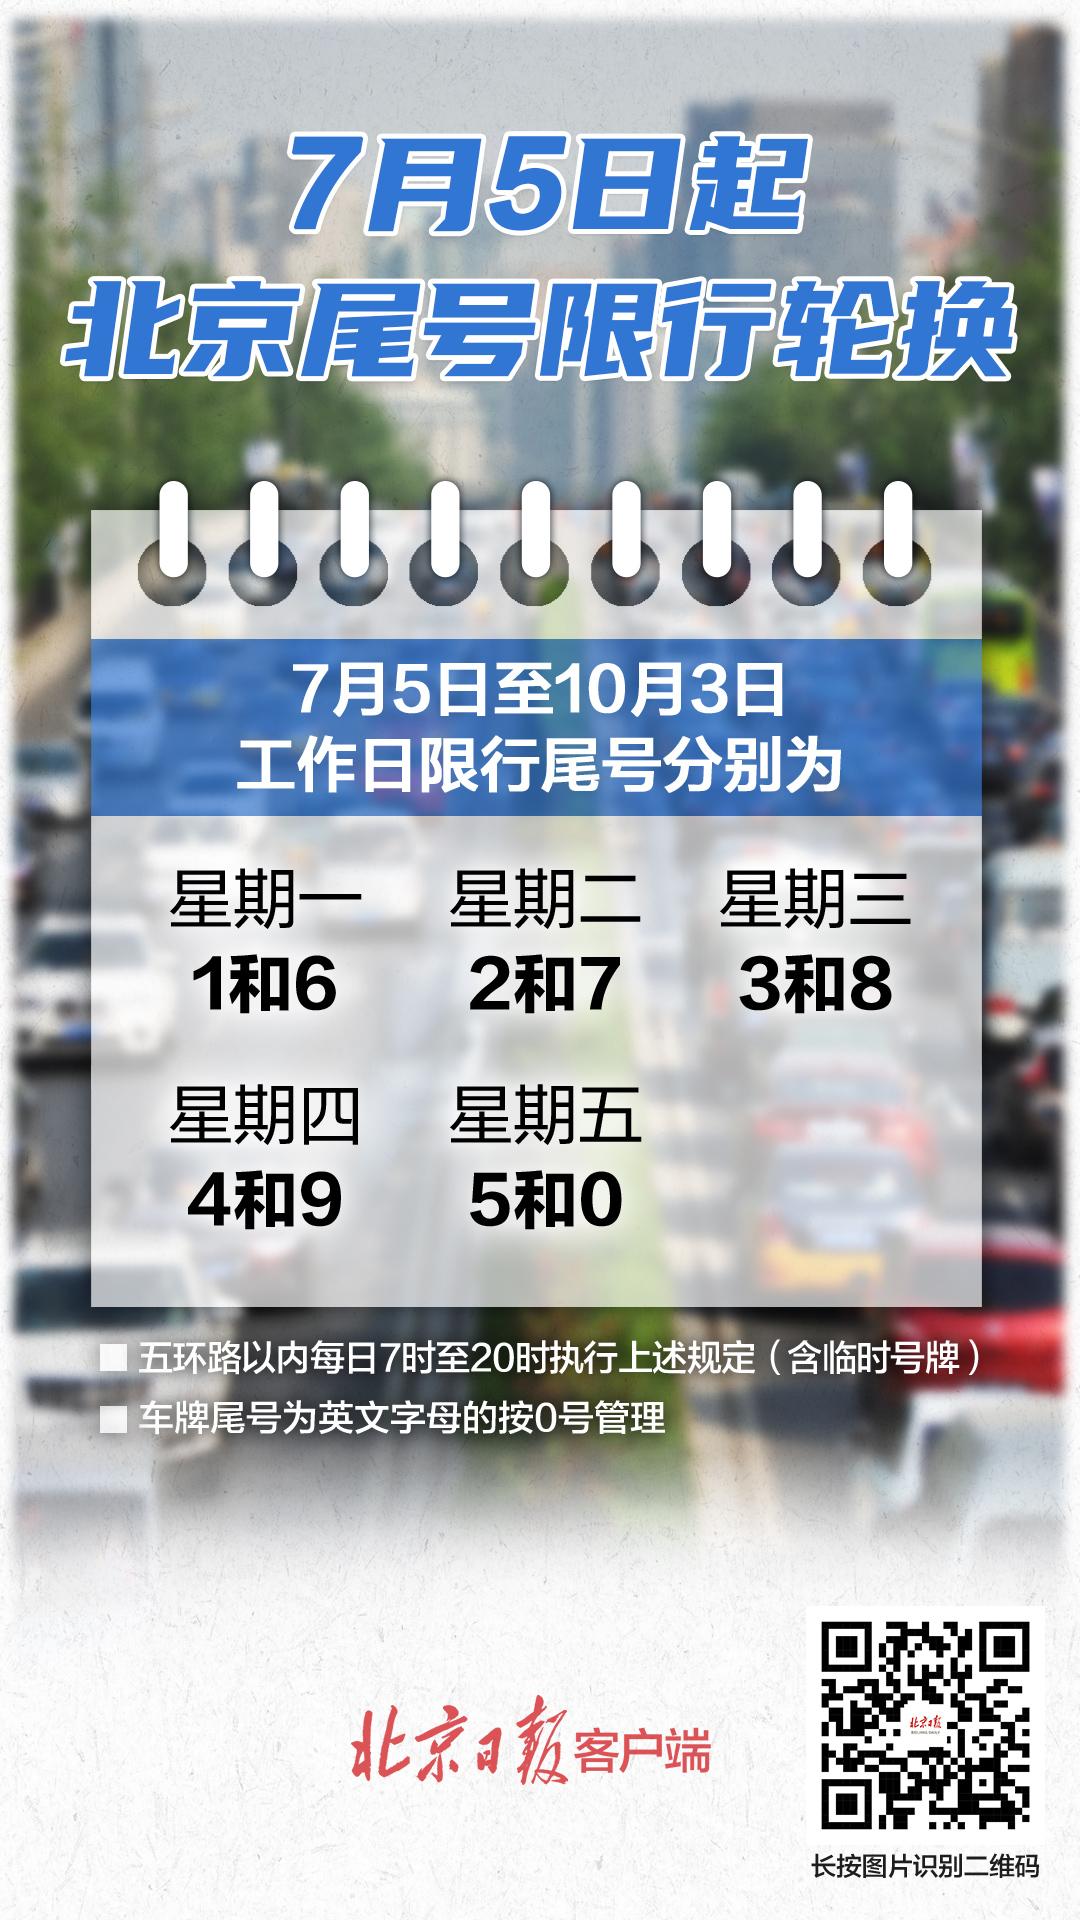 注意!北京五环内尾号限行规则有变!